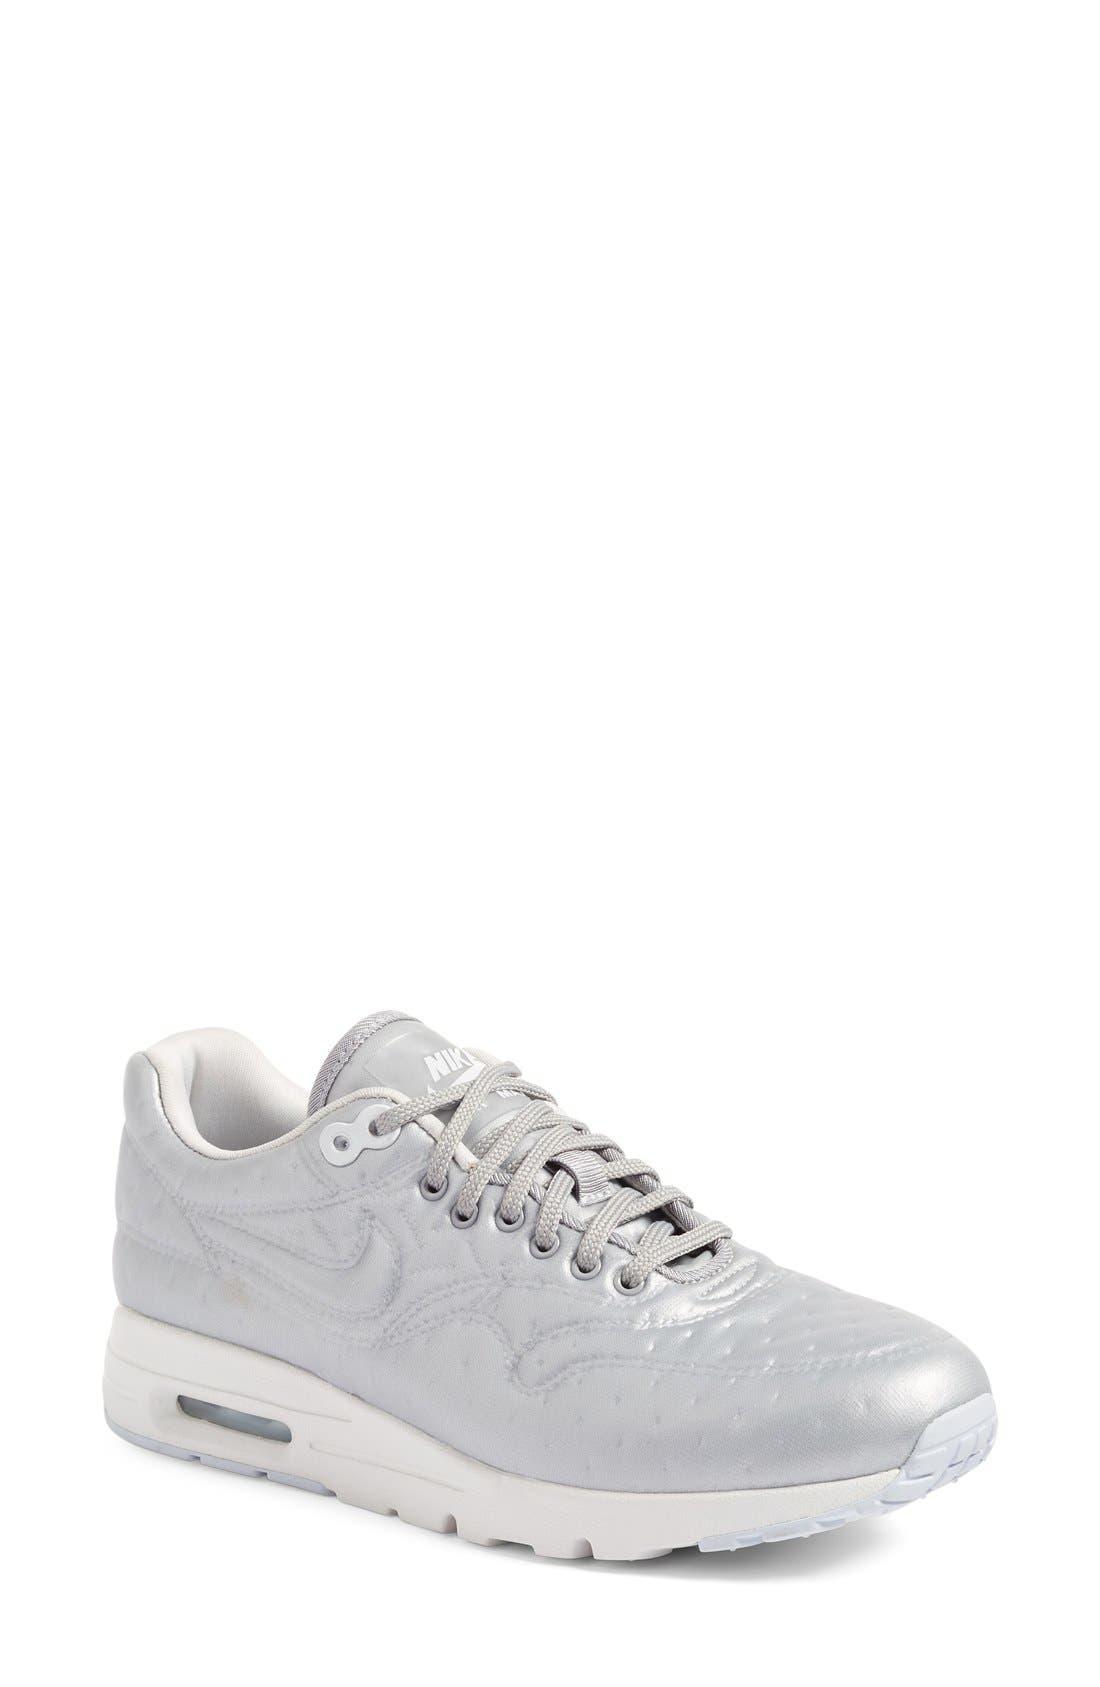 NIKE Air Max 1 Ultra Premium Jacquard Sneaker